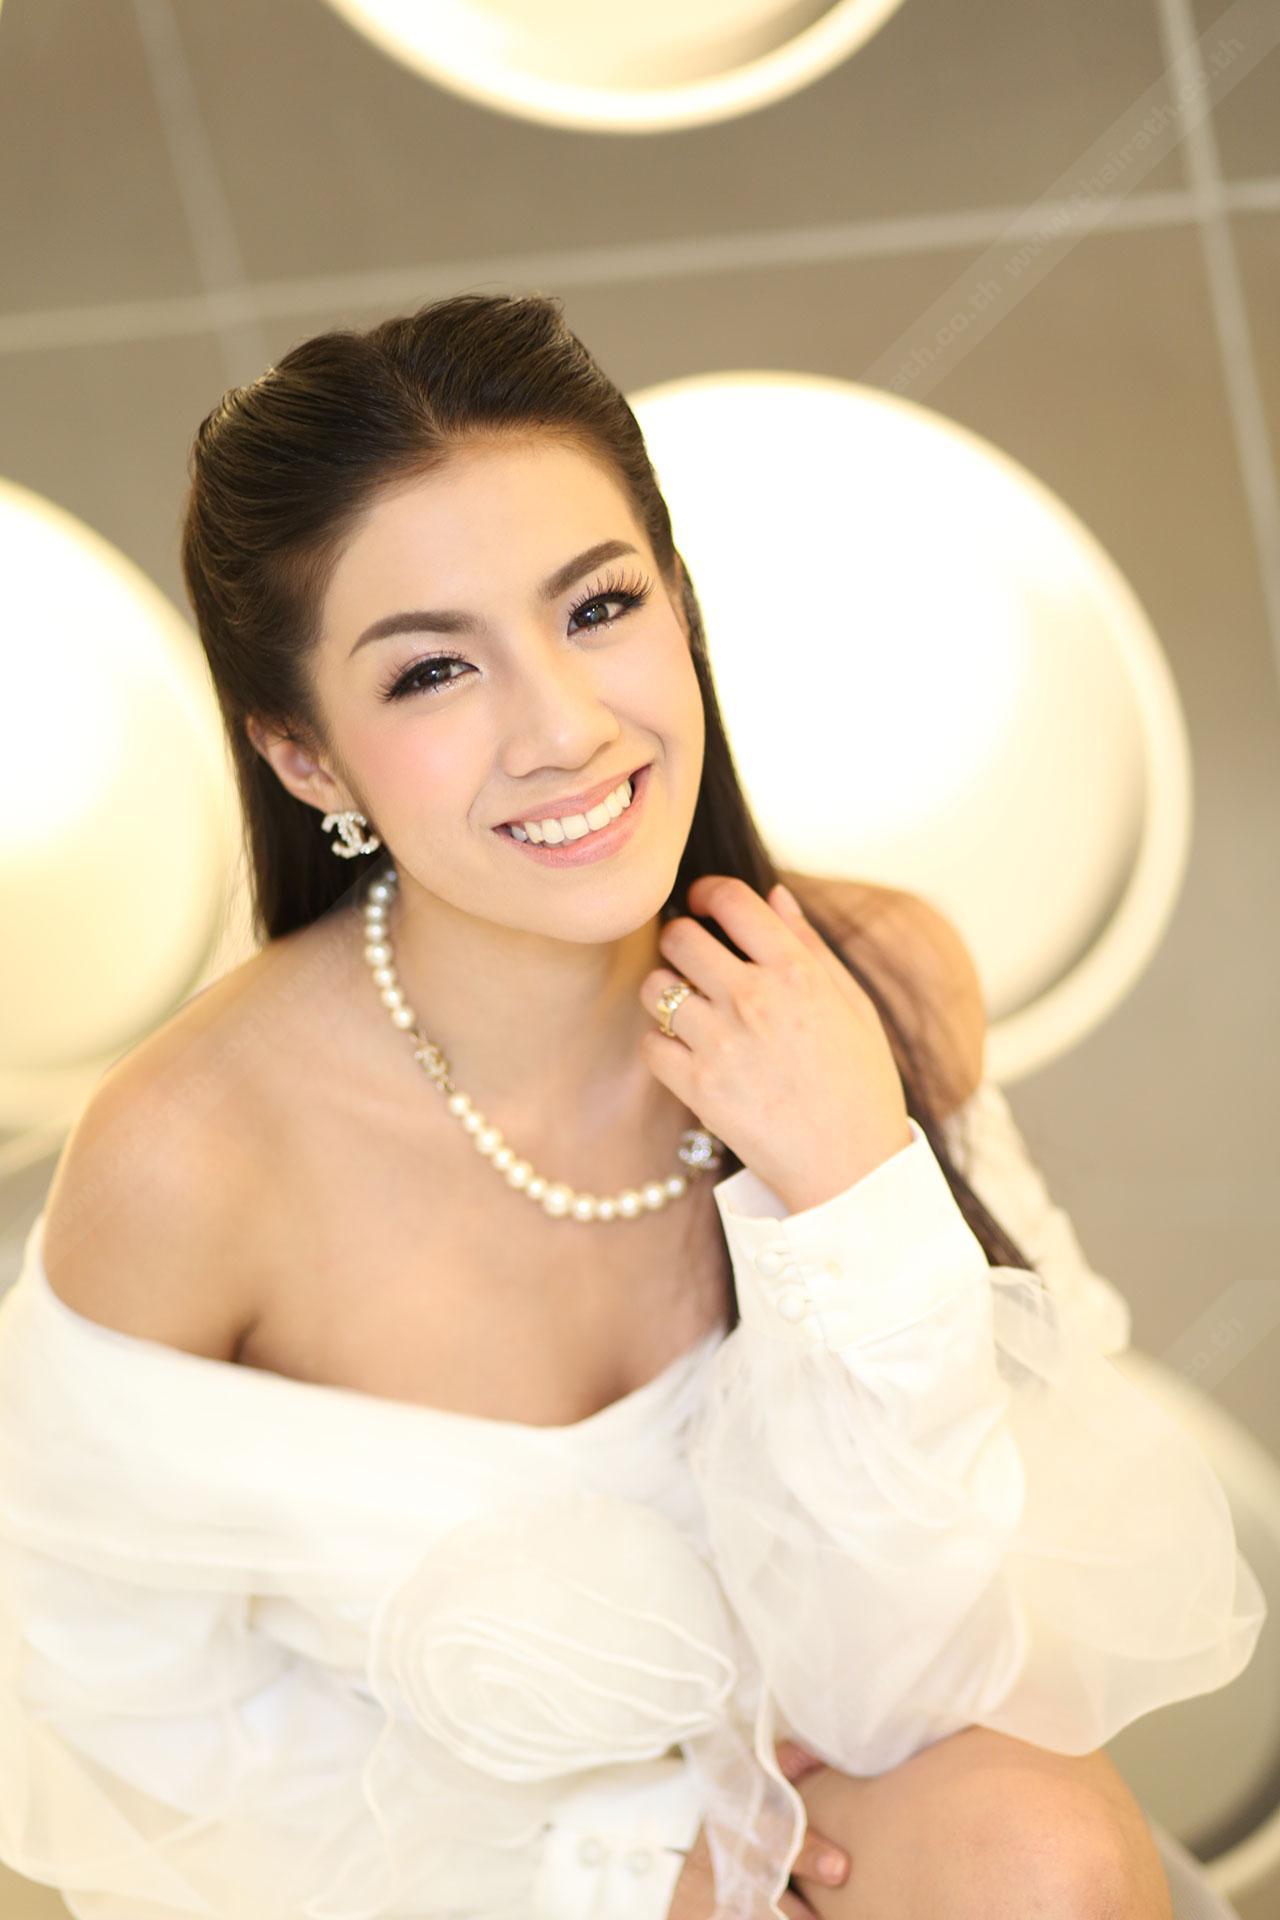 นางเป็นผู้หญิงที่หน้าสวย ยิ้มสวยจริงๆ